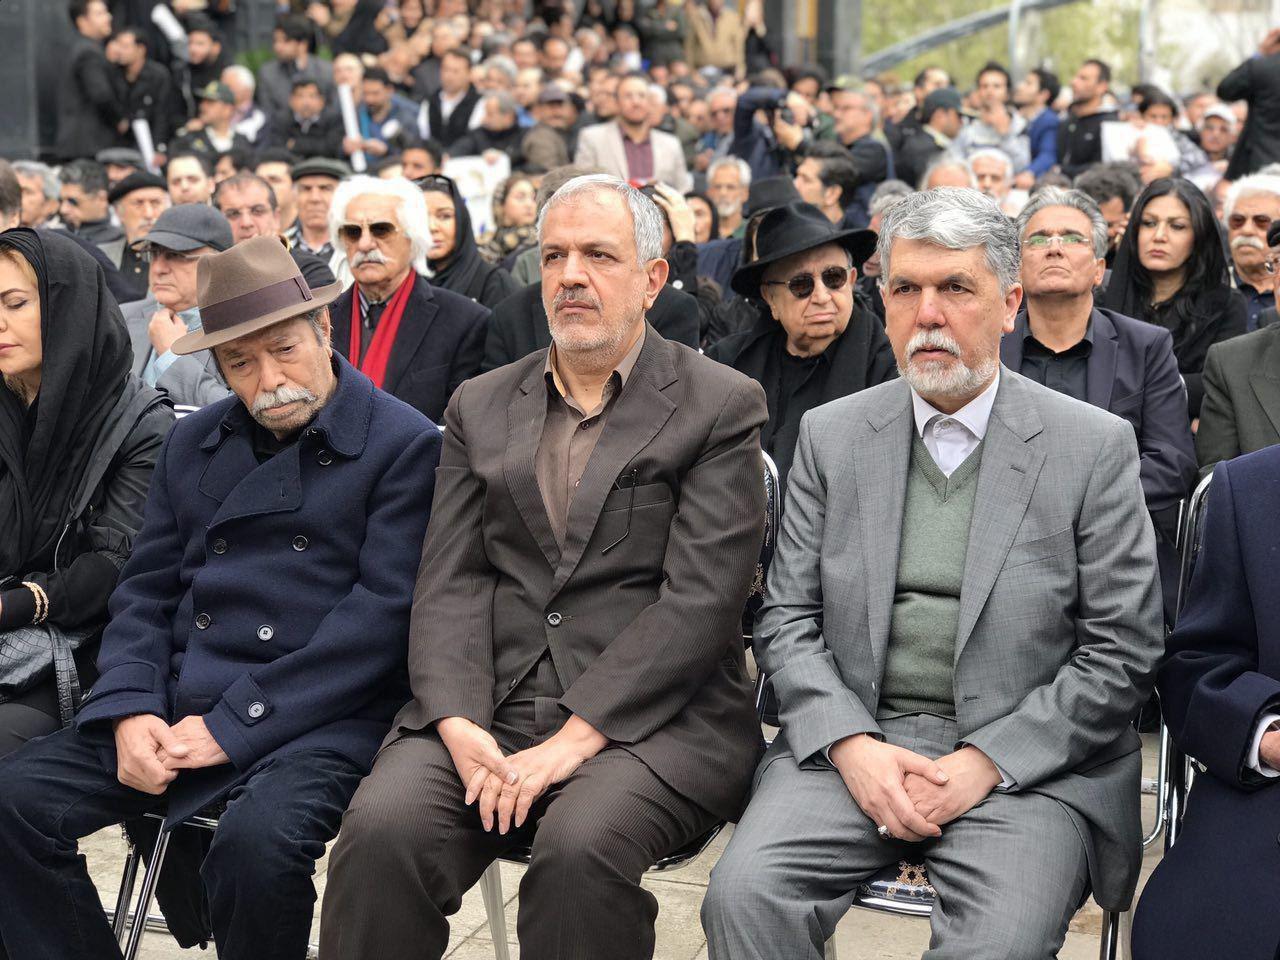 علی نصیریان و وزیر ارشاد - گزارش تصویری مراسم تشییع جمشید مشایخی